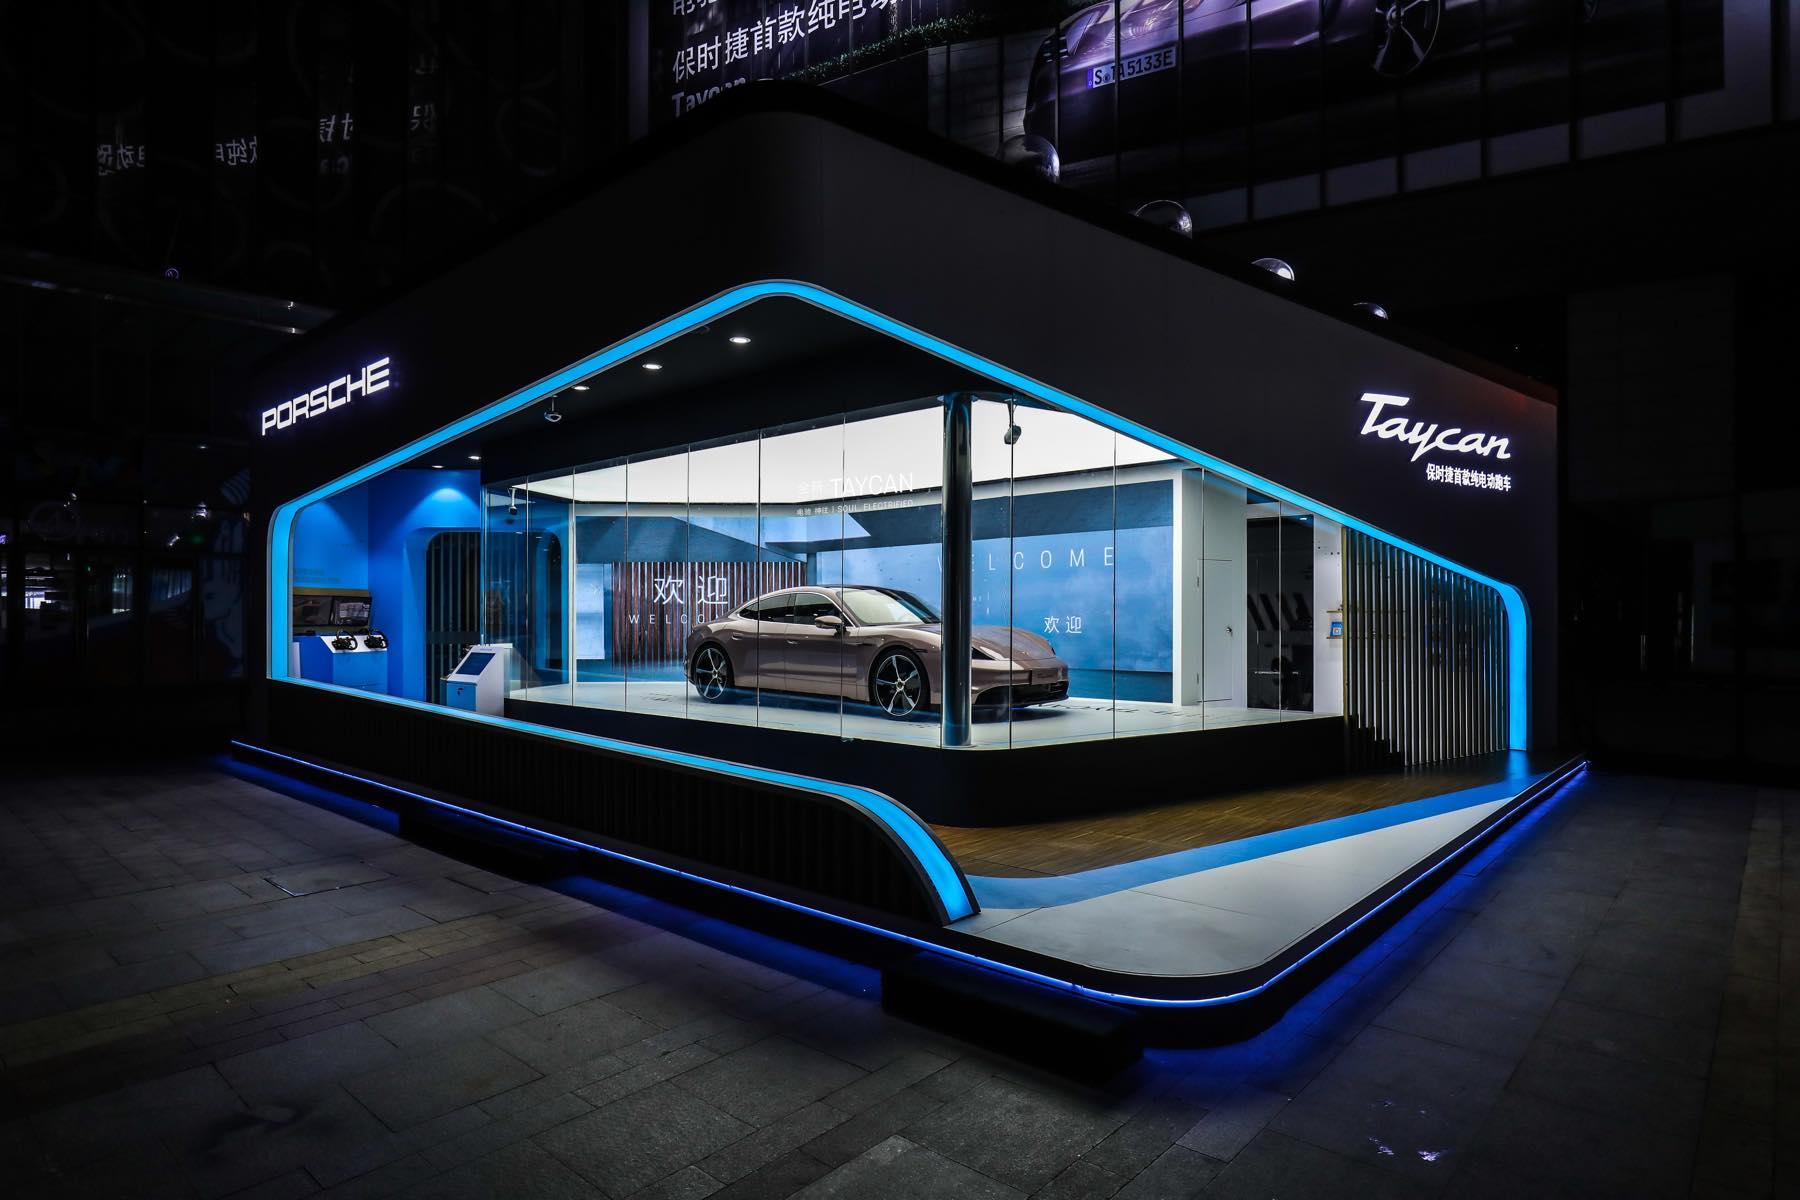 Vok Dams China realisiert Porsche Taycan Space Roadshow